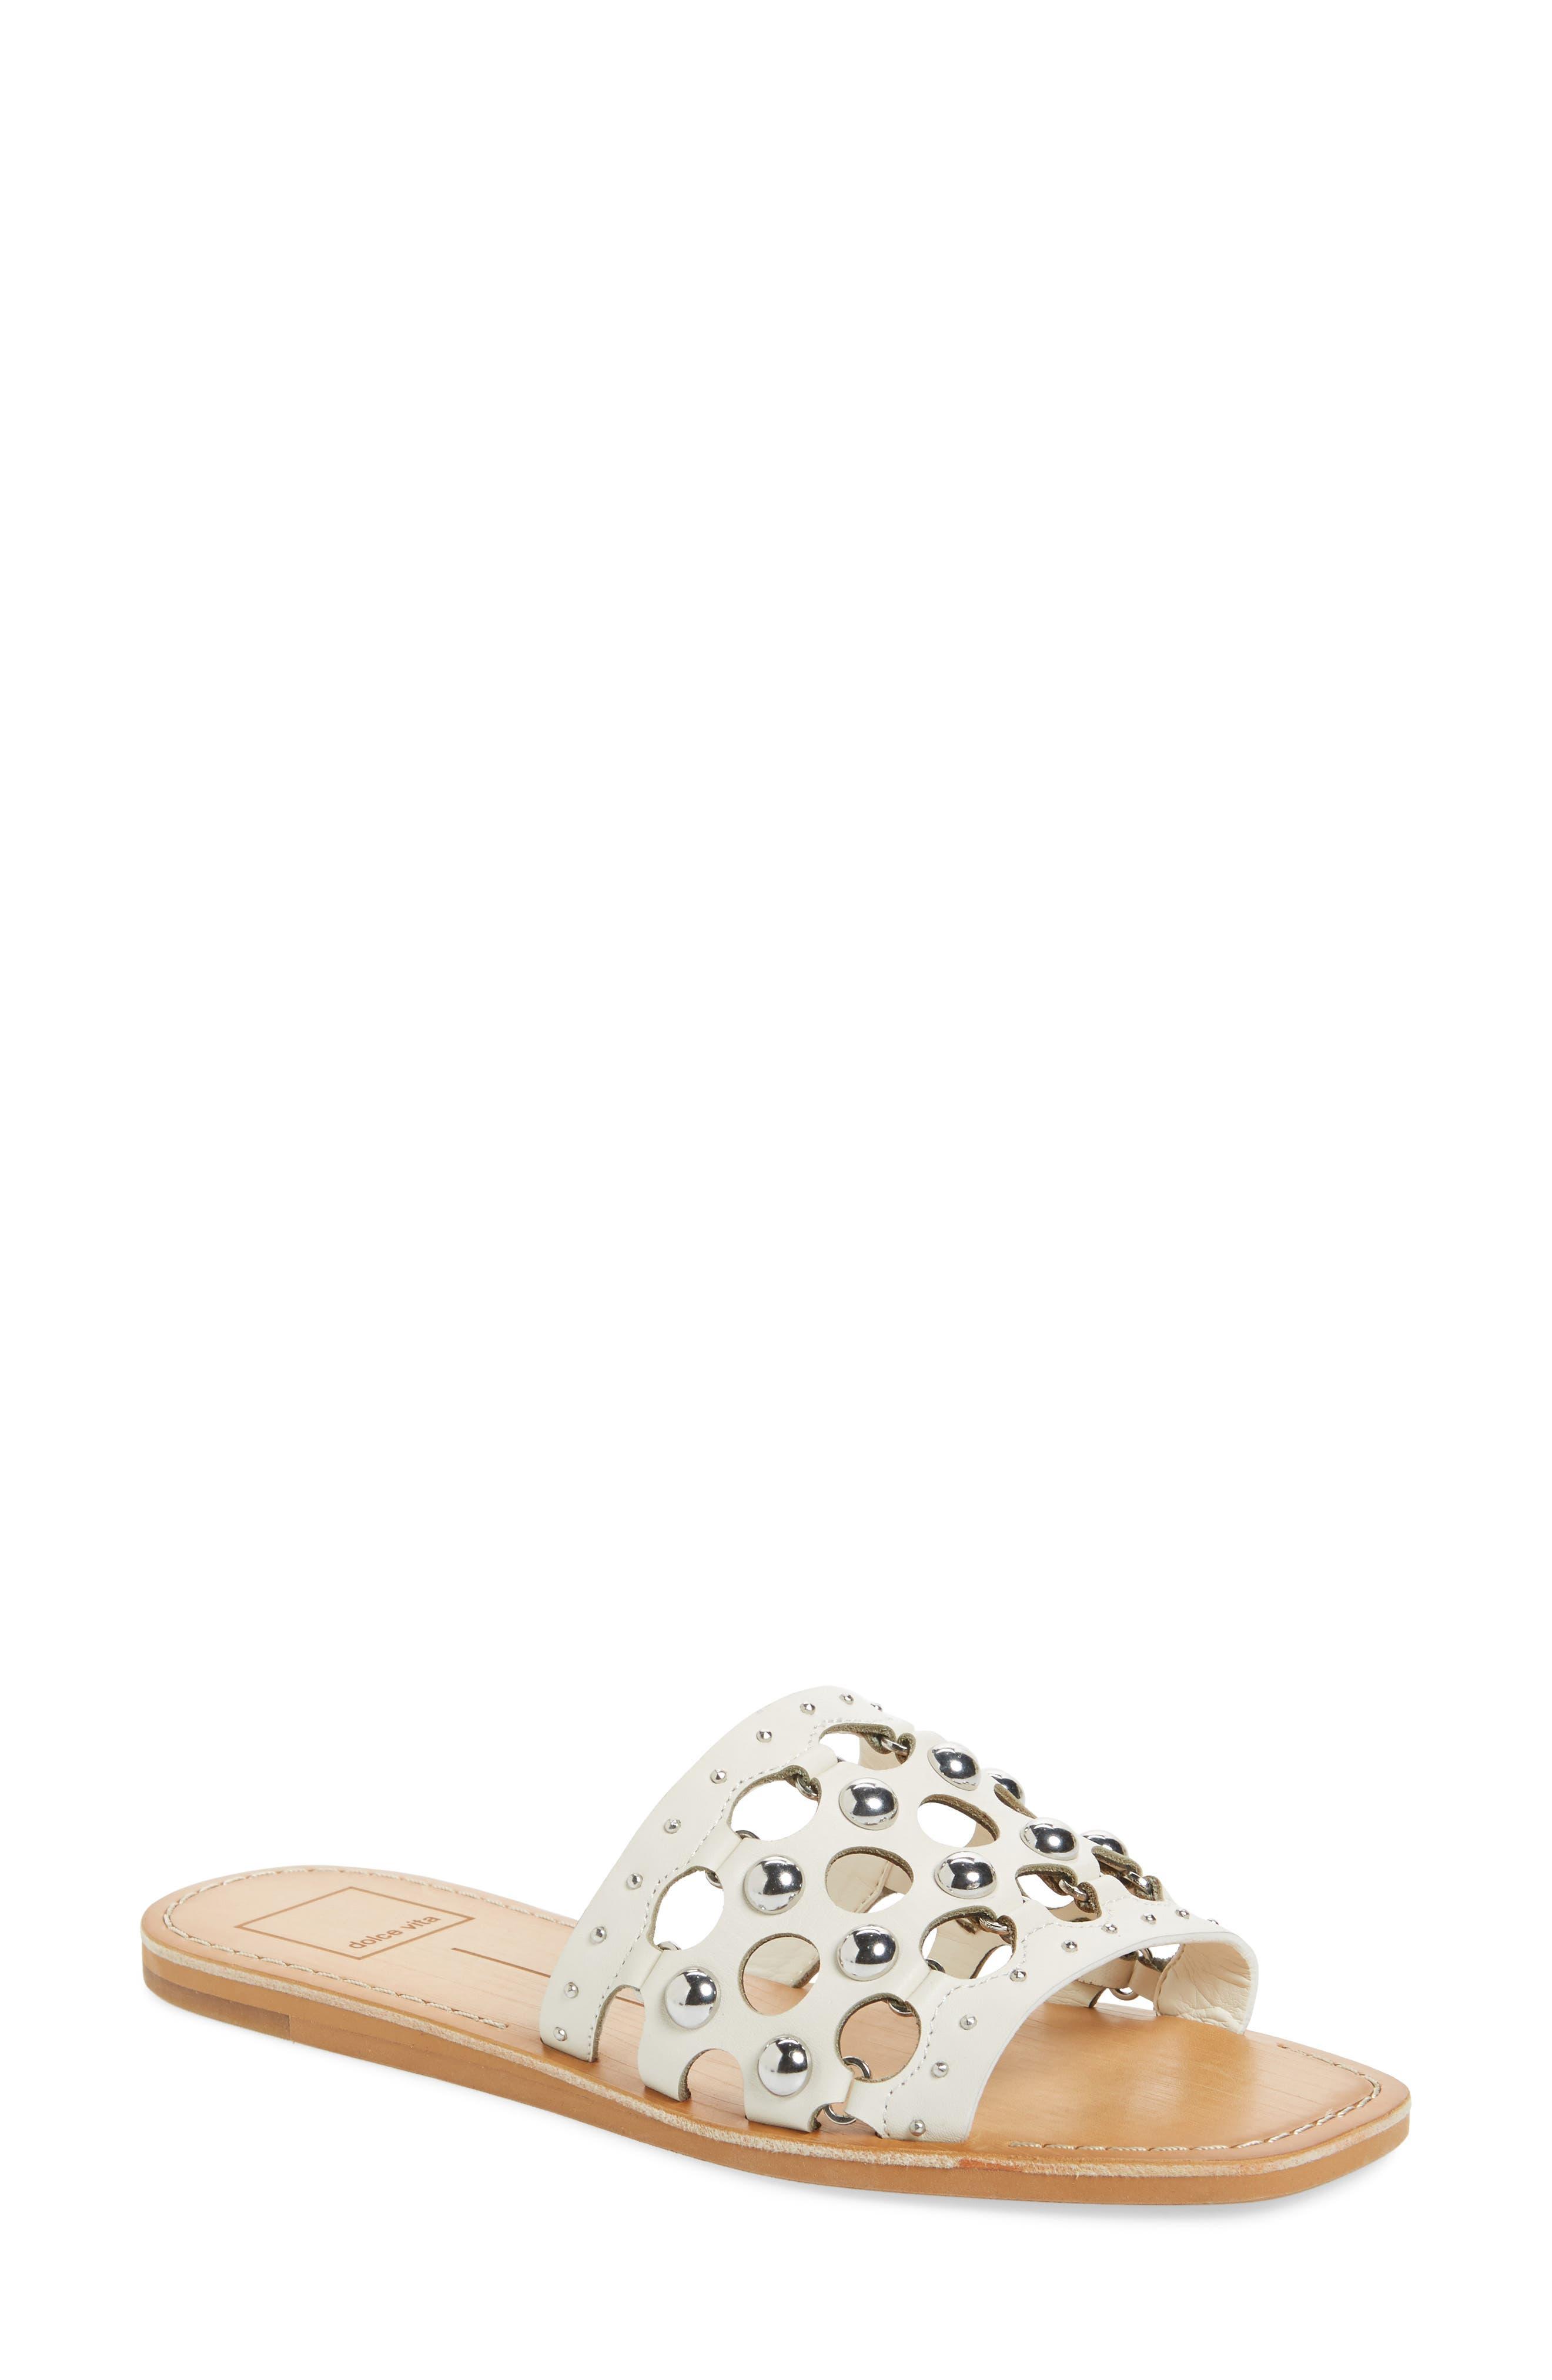 Alternate Image 1 Selected - Dolce Vita Celita Perforated Studded Slide Sandal (Women)